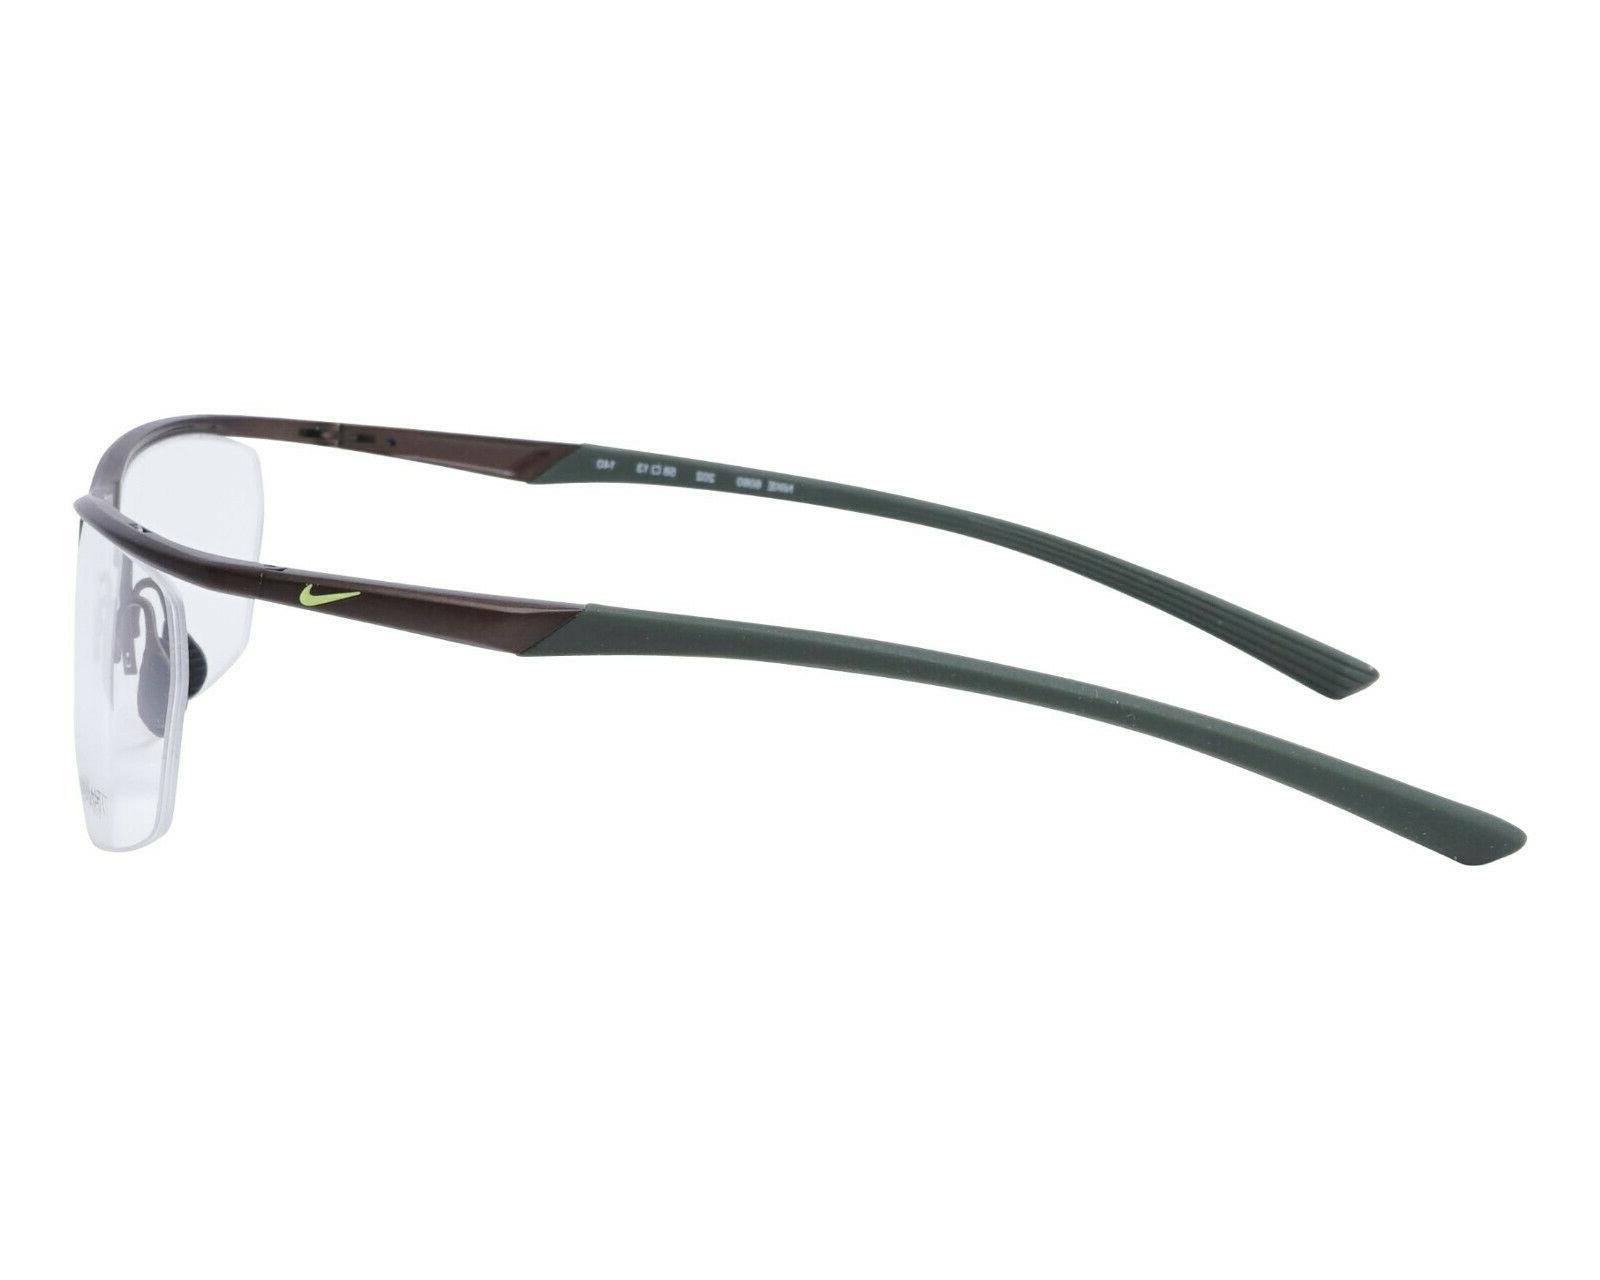 NIKE 067 Satin Gunmetal Black / Lens 58mm Eyeglasses